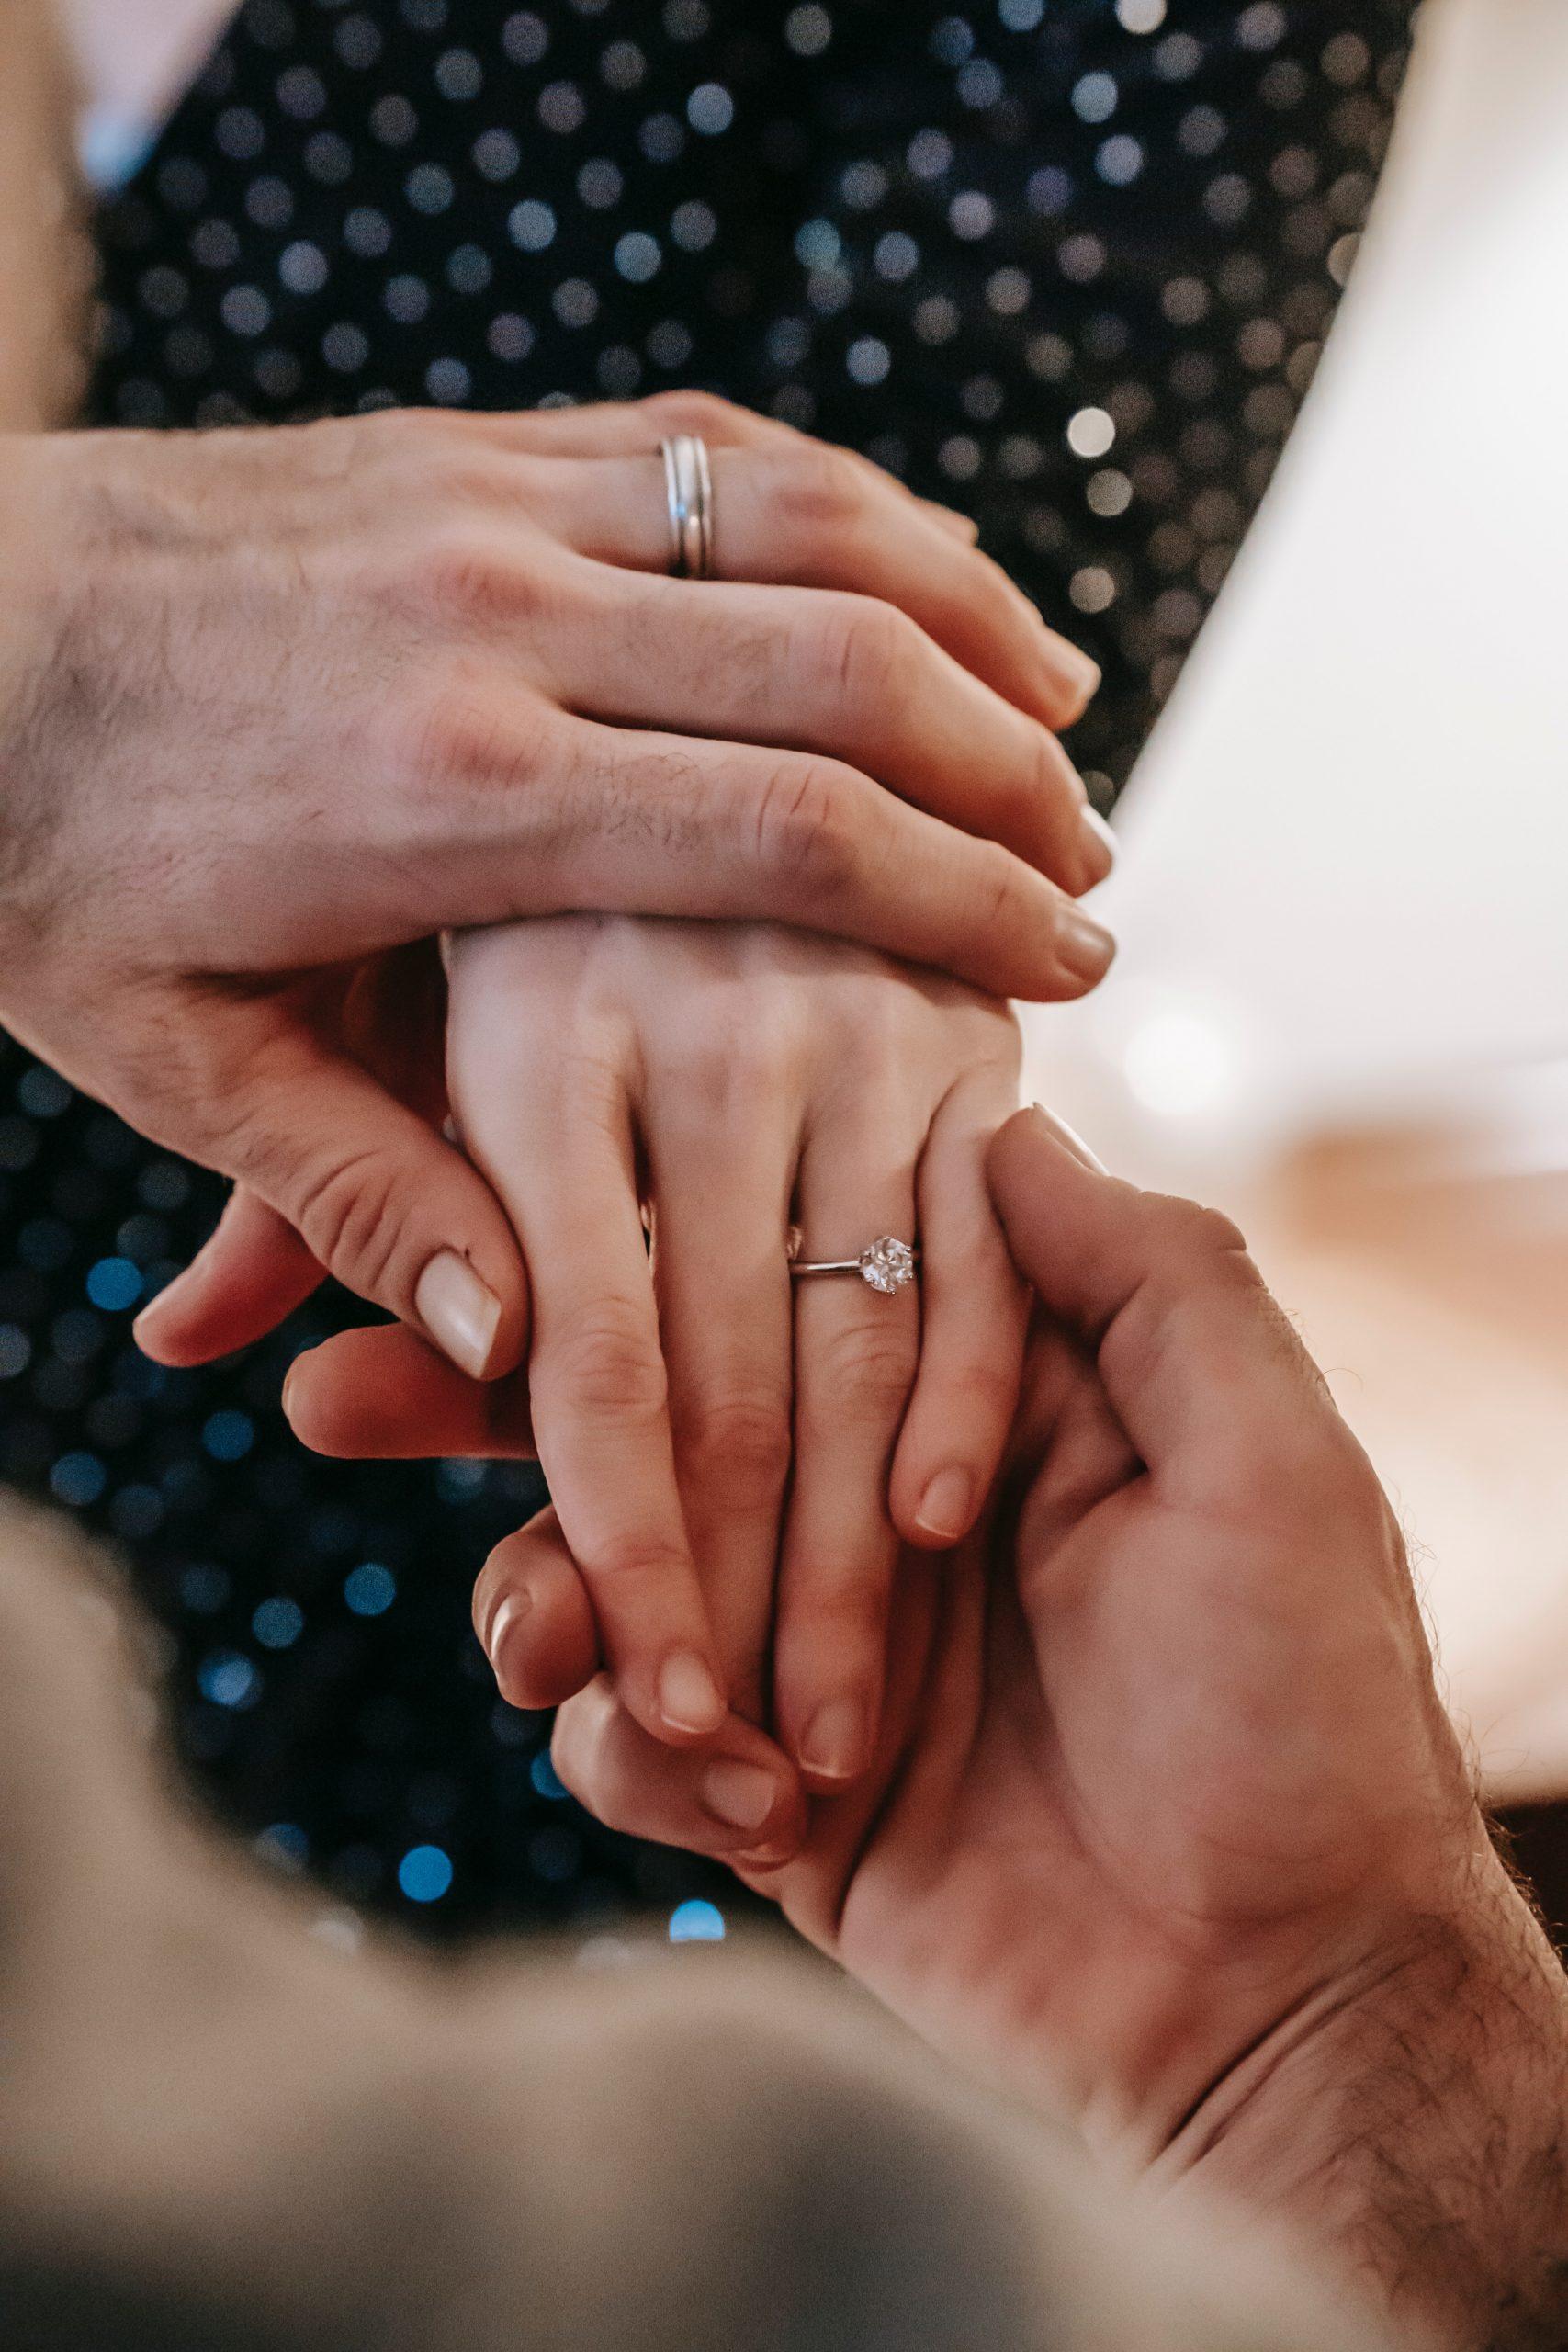 Aan welke hand draag je de trouwring?